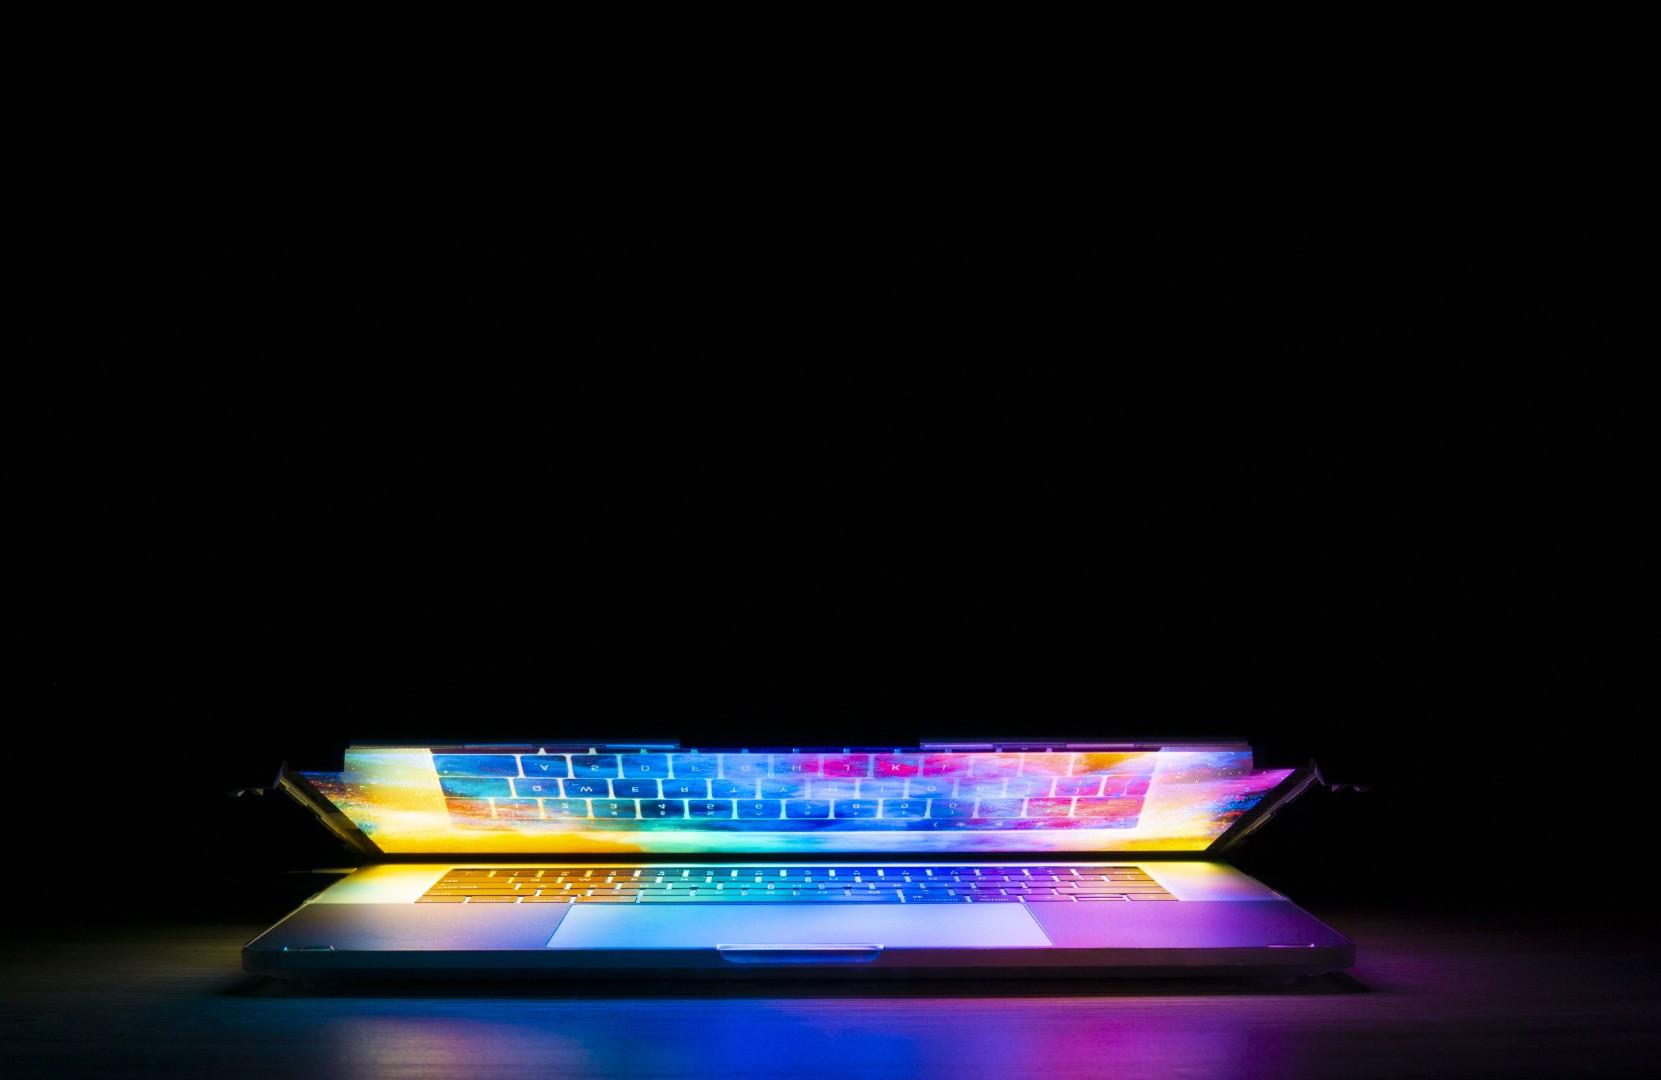 keyboard-5017973.jpg